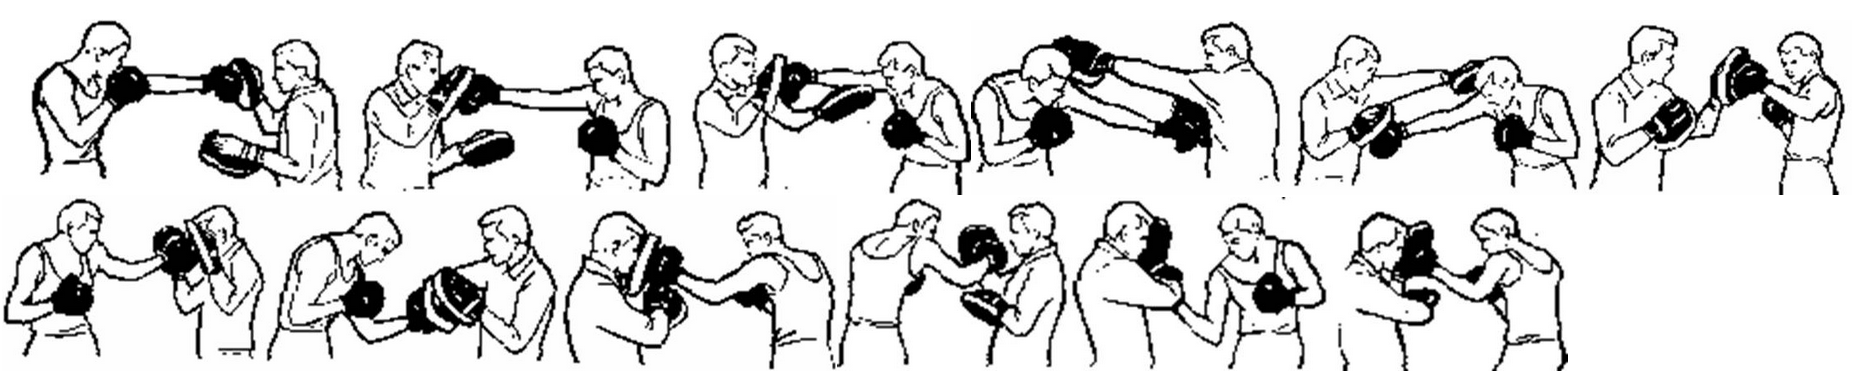 Упражнение для бокса в домашних условиях 202